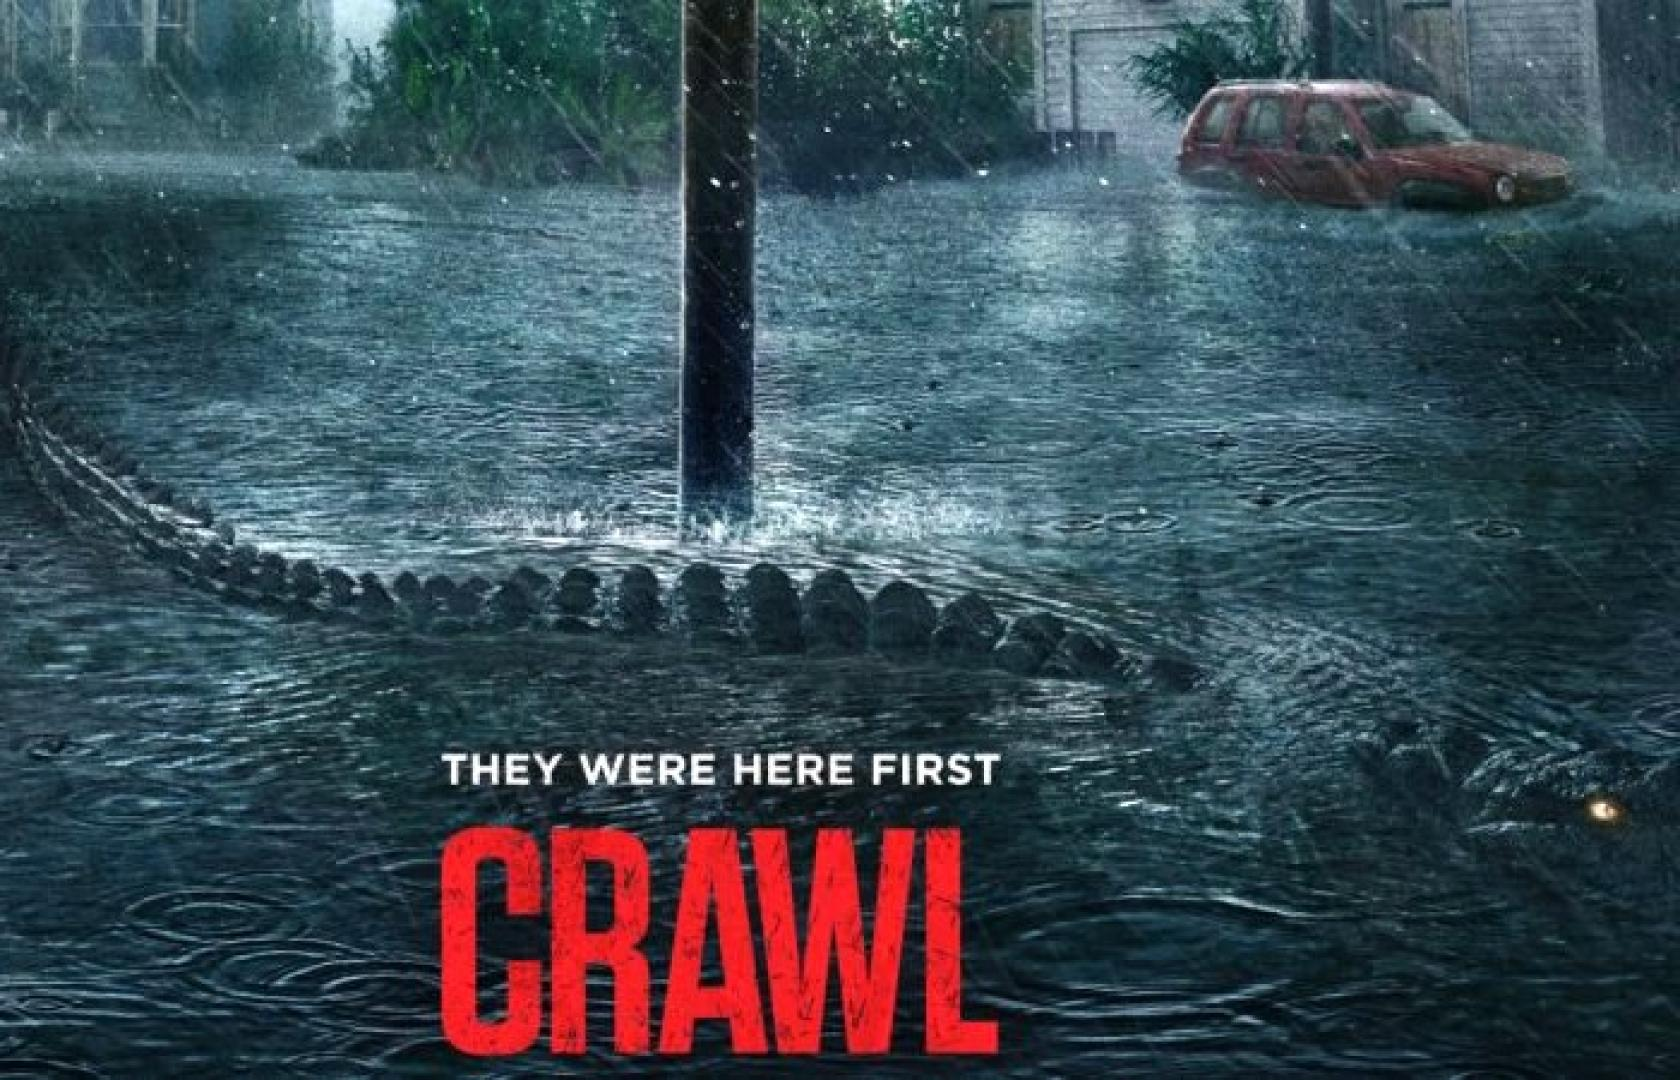 Crawl / Préda (2019)